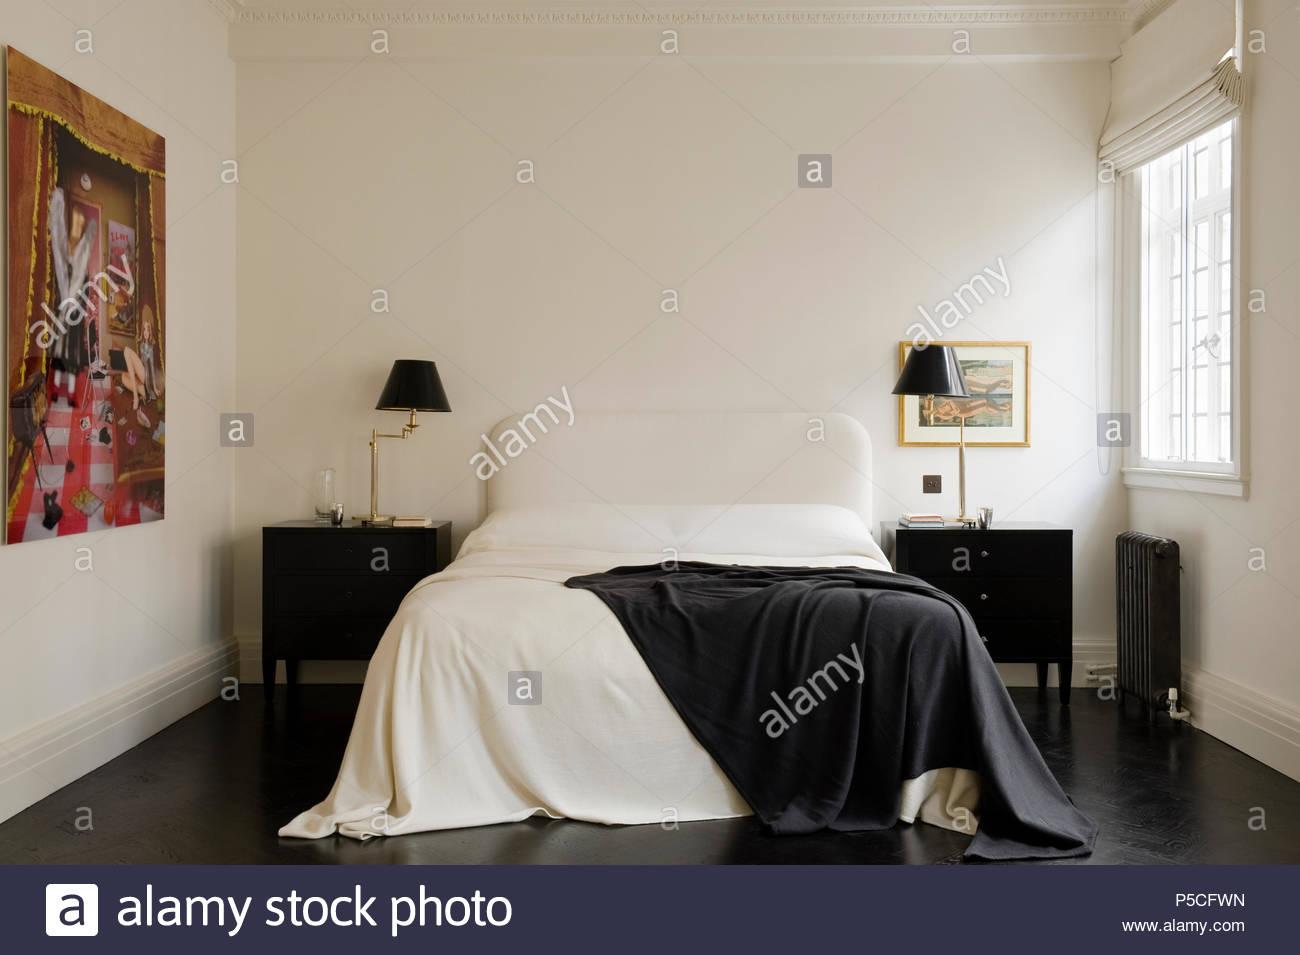 Camera Da Letto Bianco E Nero : Camera da letto in bianco e nero foto & immagine stock: 209873601